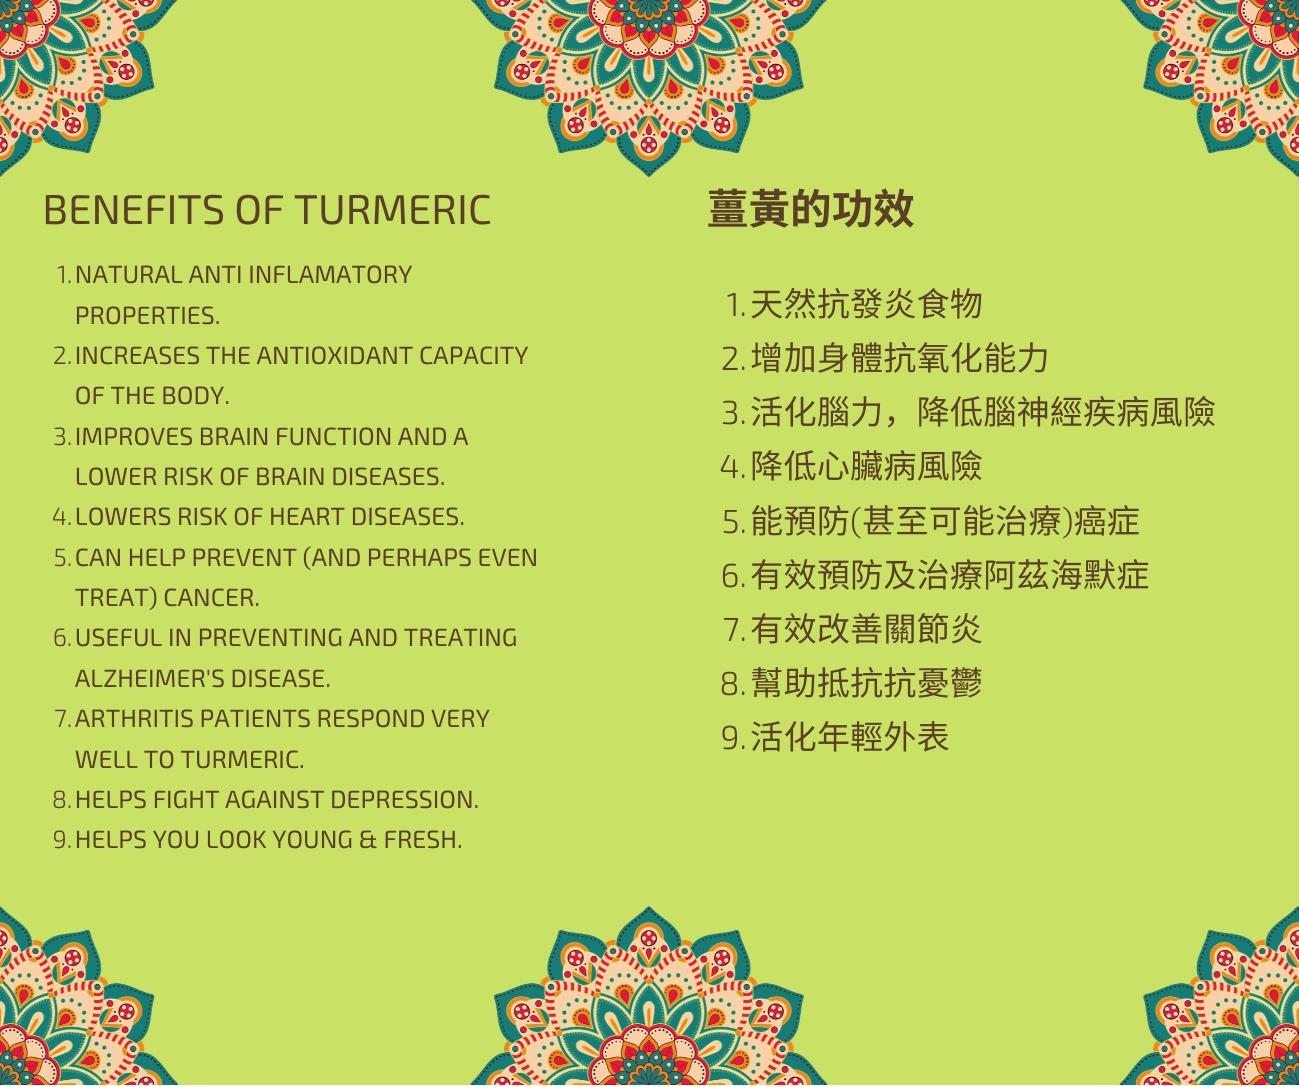 薑黃 Turmeric spice in Taiwan